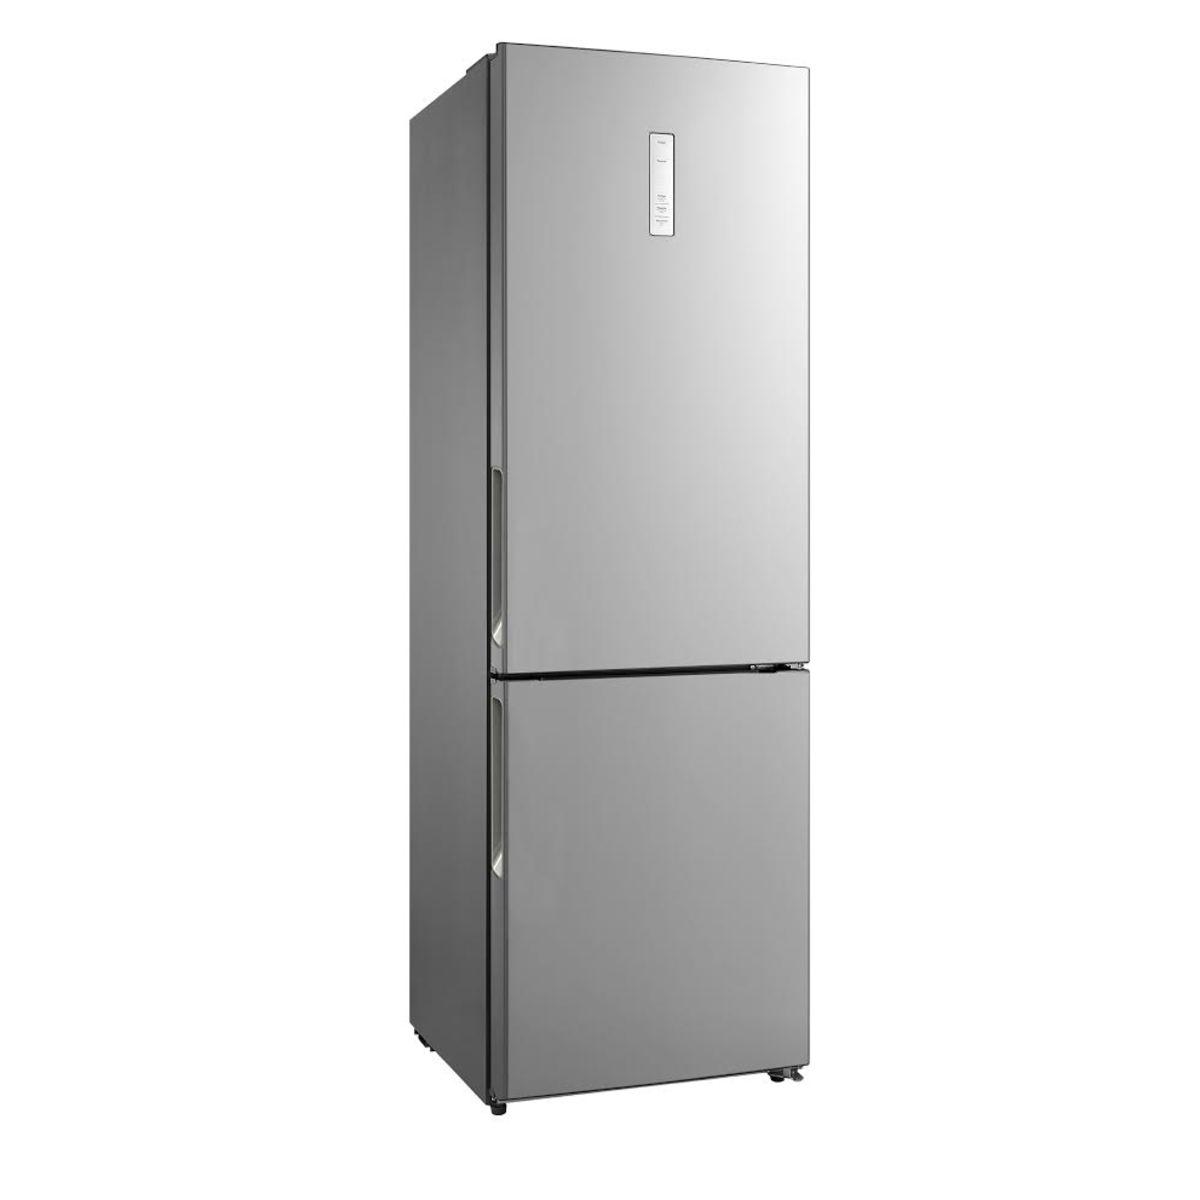 Réfrigérateur combiné 133124, 295 L, Froid ventilé No Frost